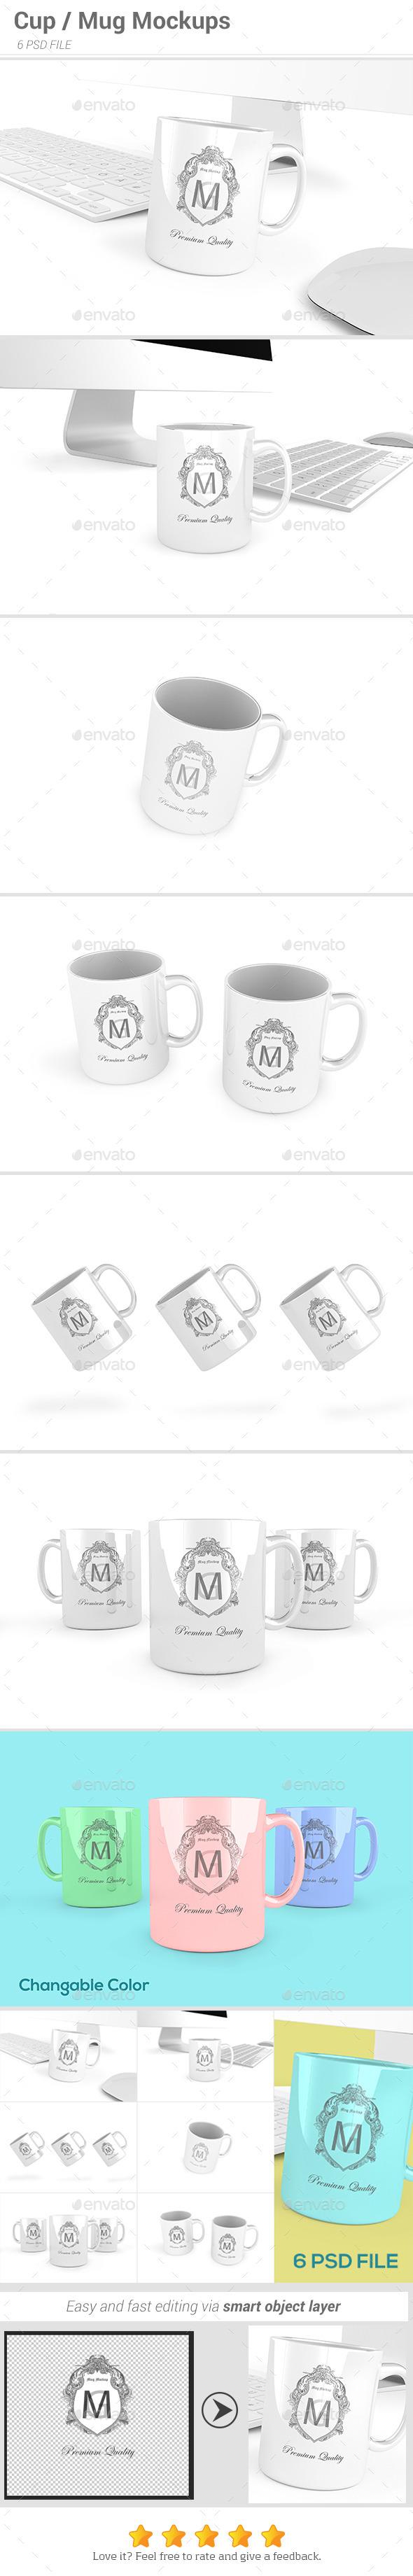 GraphicRiver Cup Mug Mockups 11018862